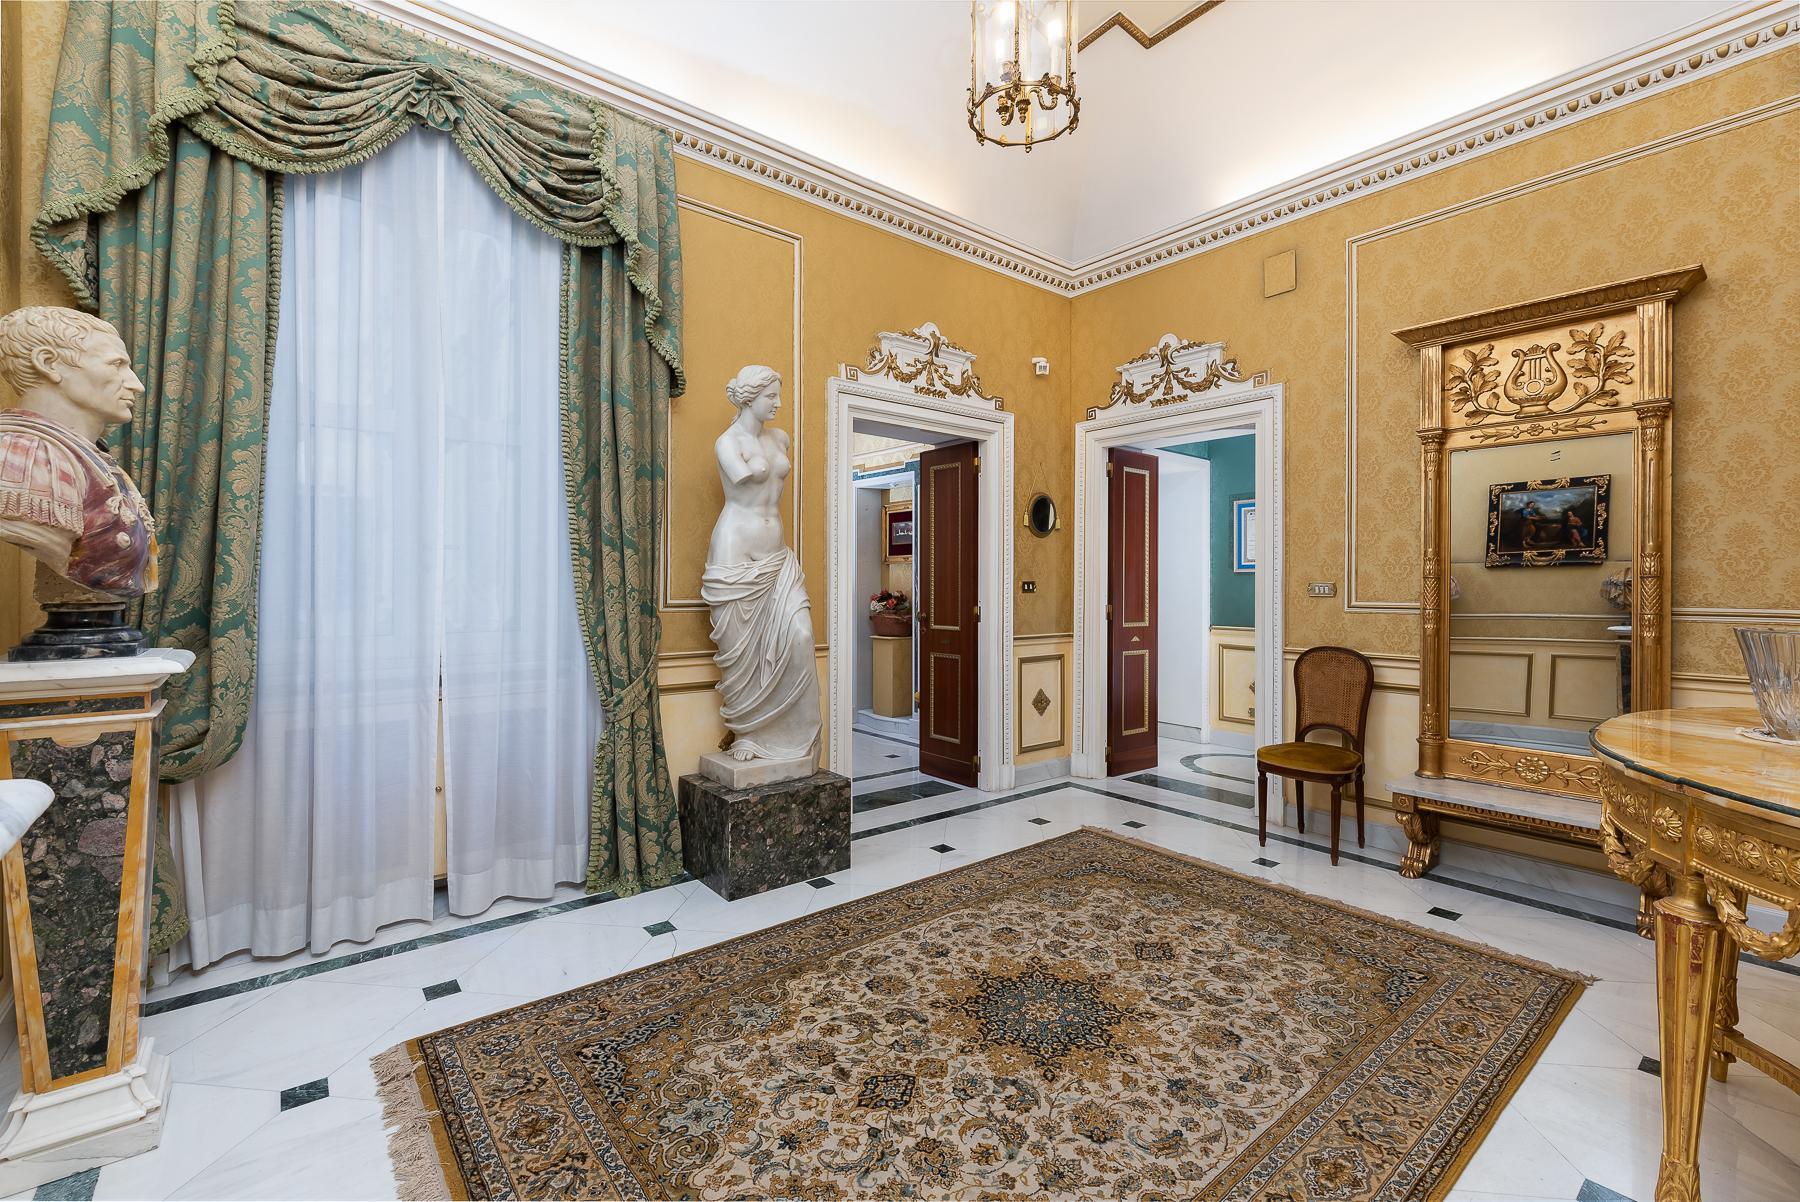 Роскошная квартира с большой террасой  в элегантном здании начала 900 года - 4